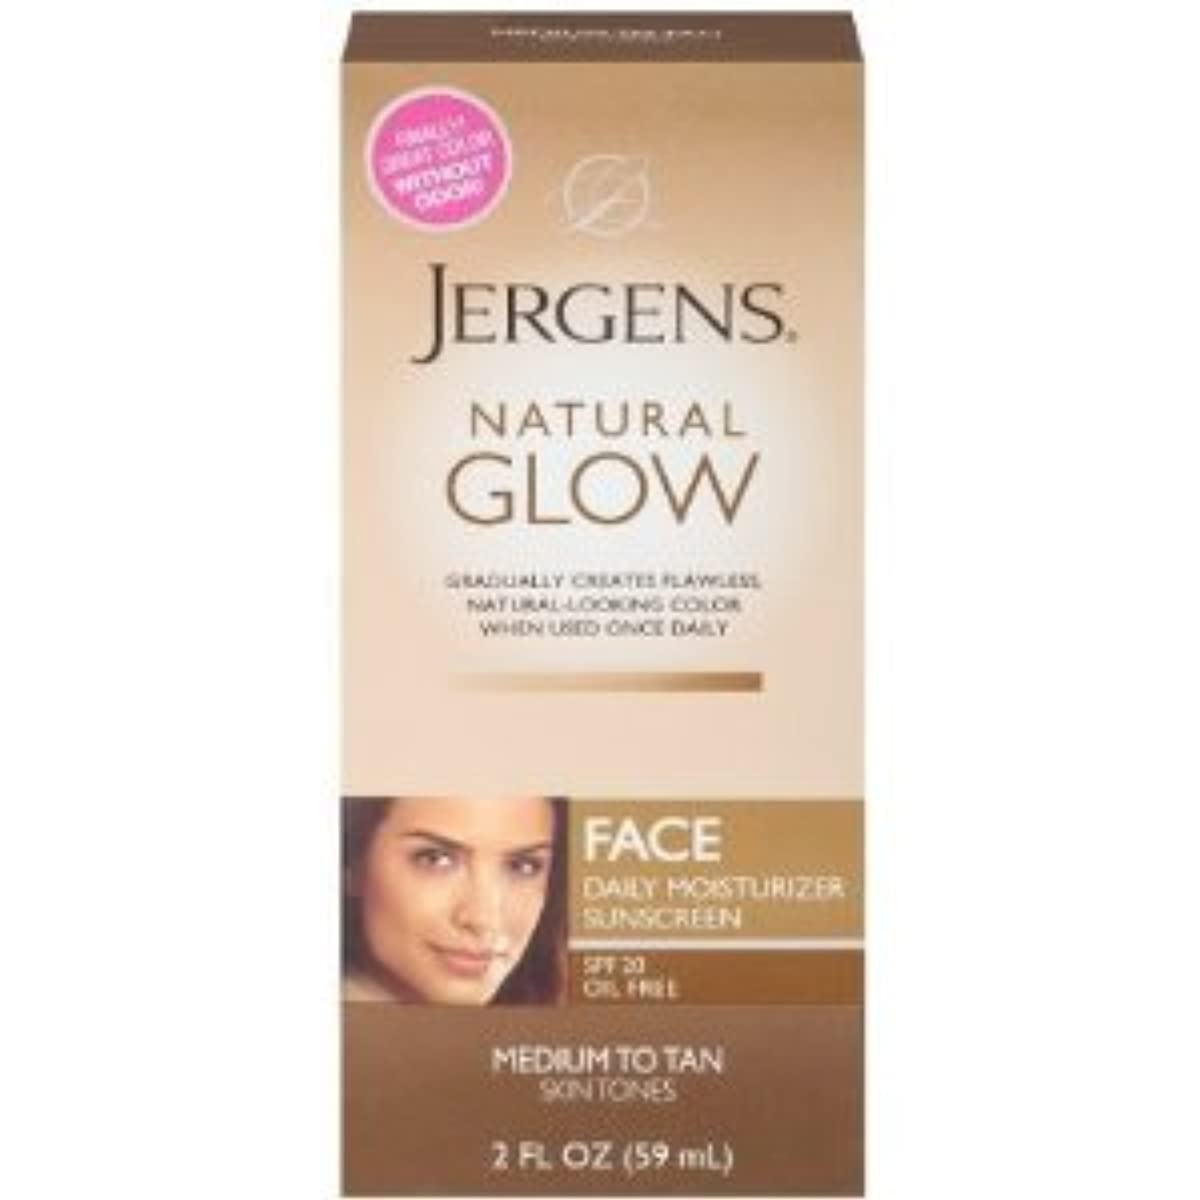 朝ごはん転送路面電車Natural Glow Healthy Complexion Daily Facial Moisturizer, SPF 20, Medium to Tan, (59ml) (海外直送品)